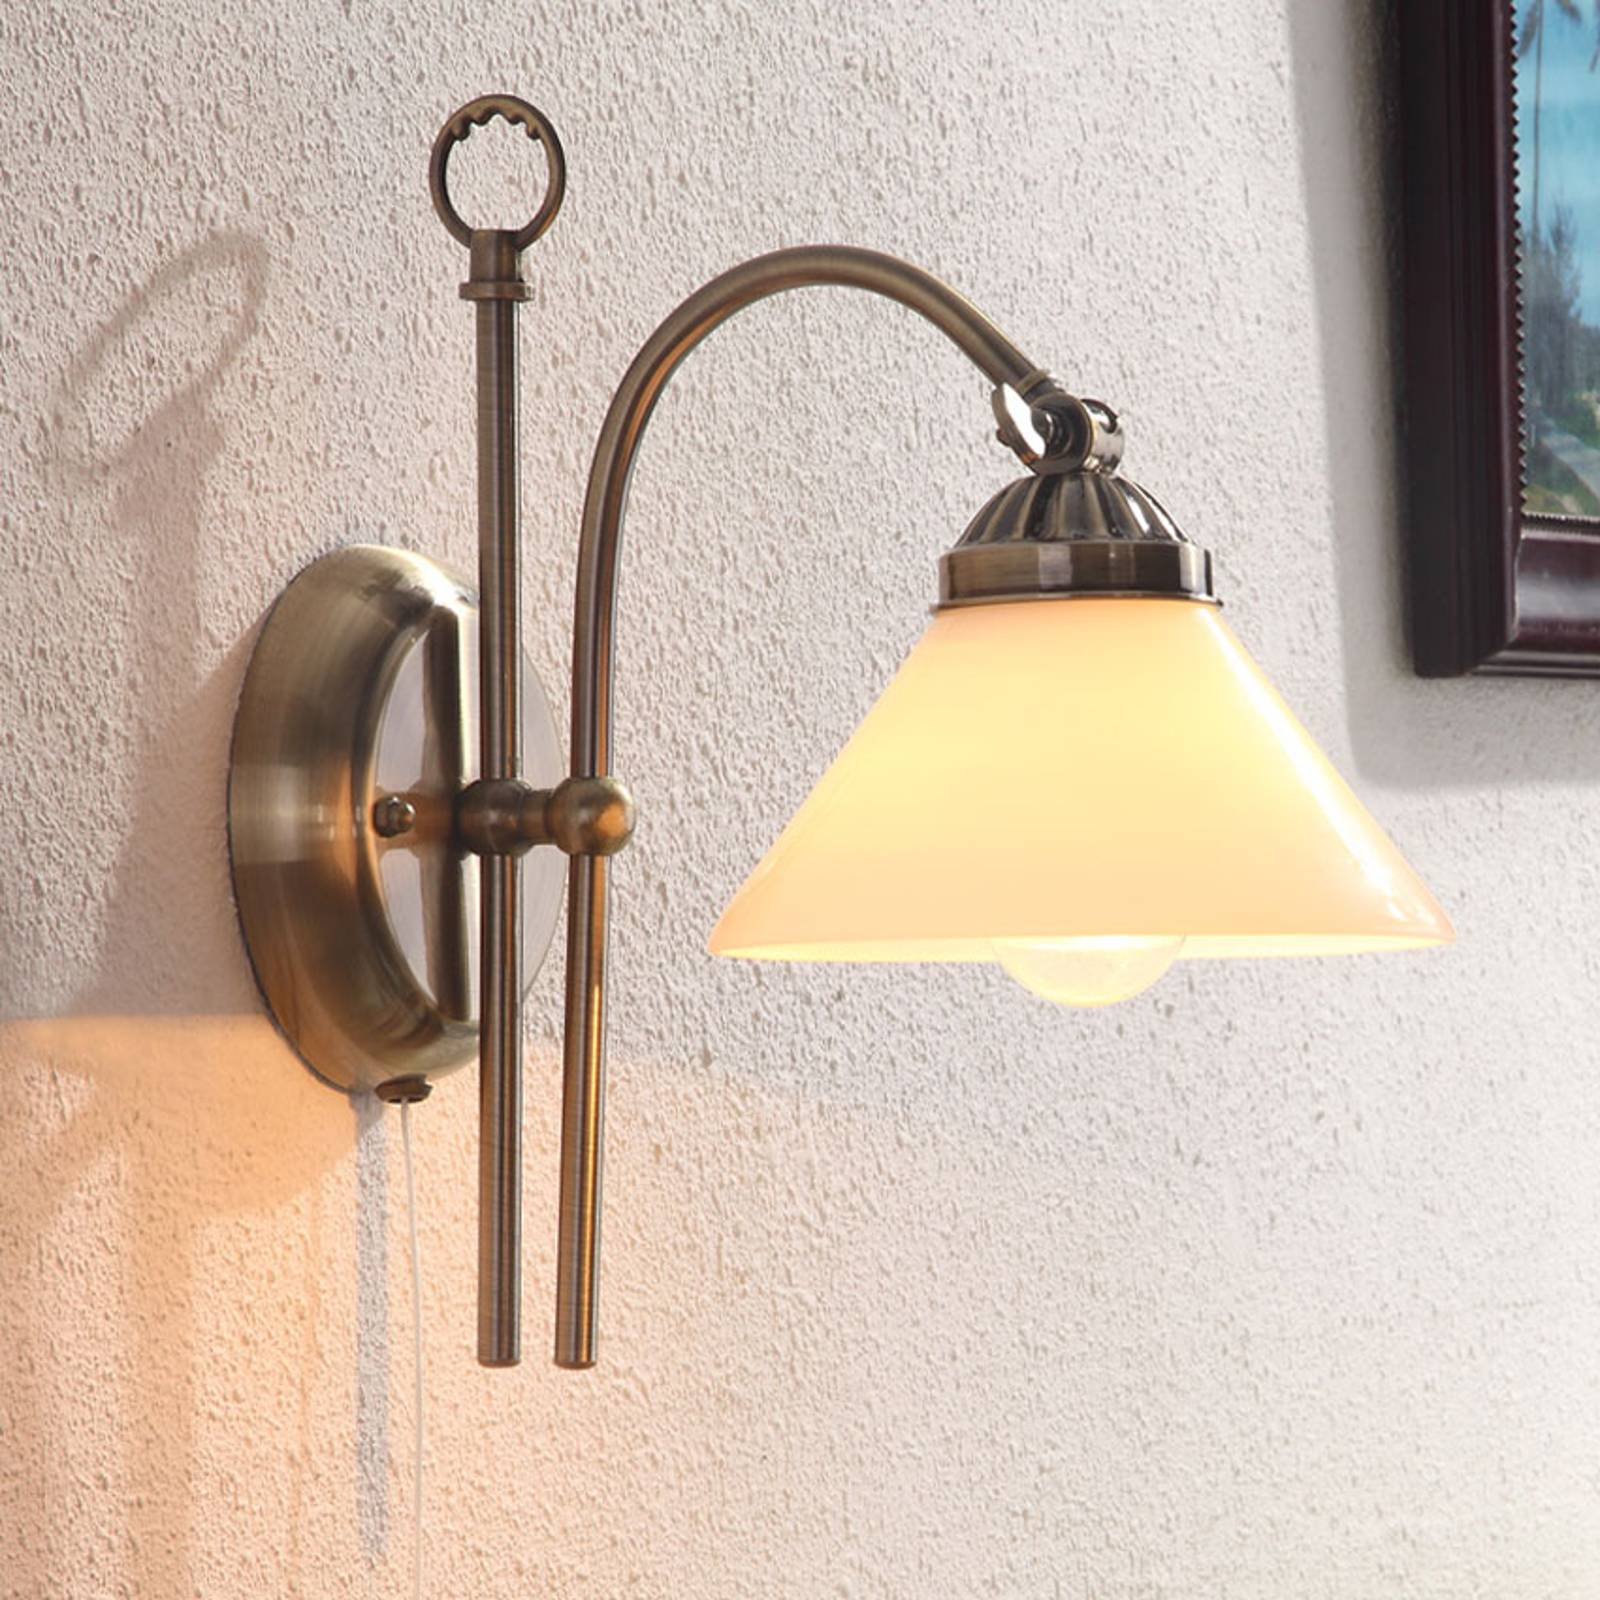 Vegglampe Otis med antikk virkning